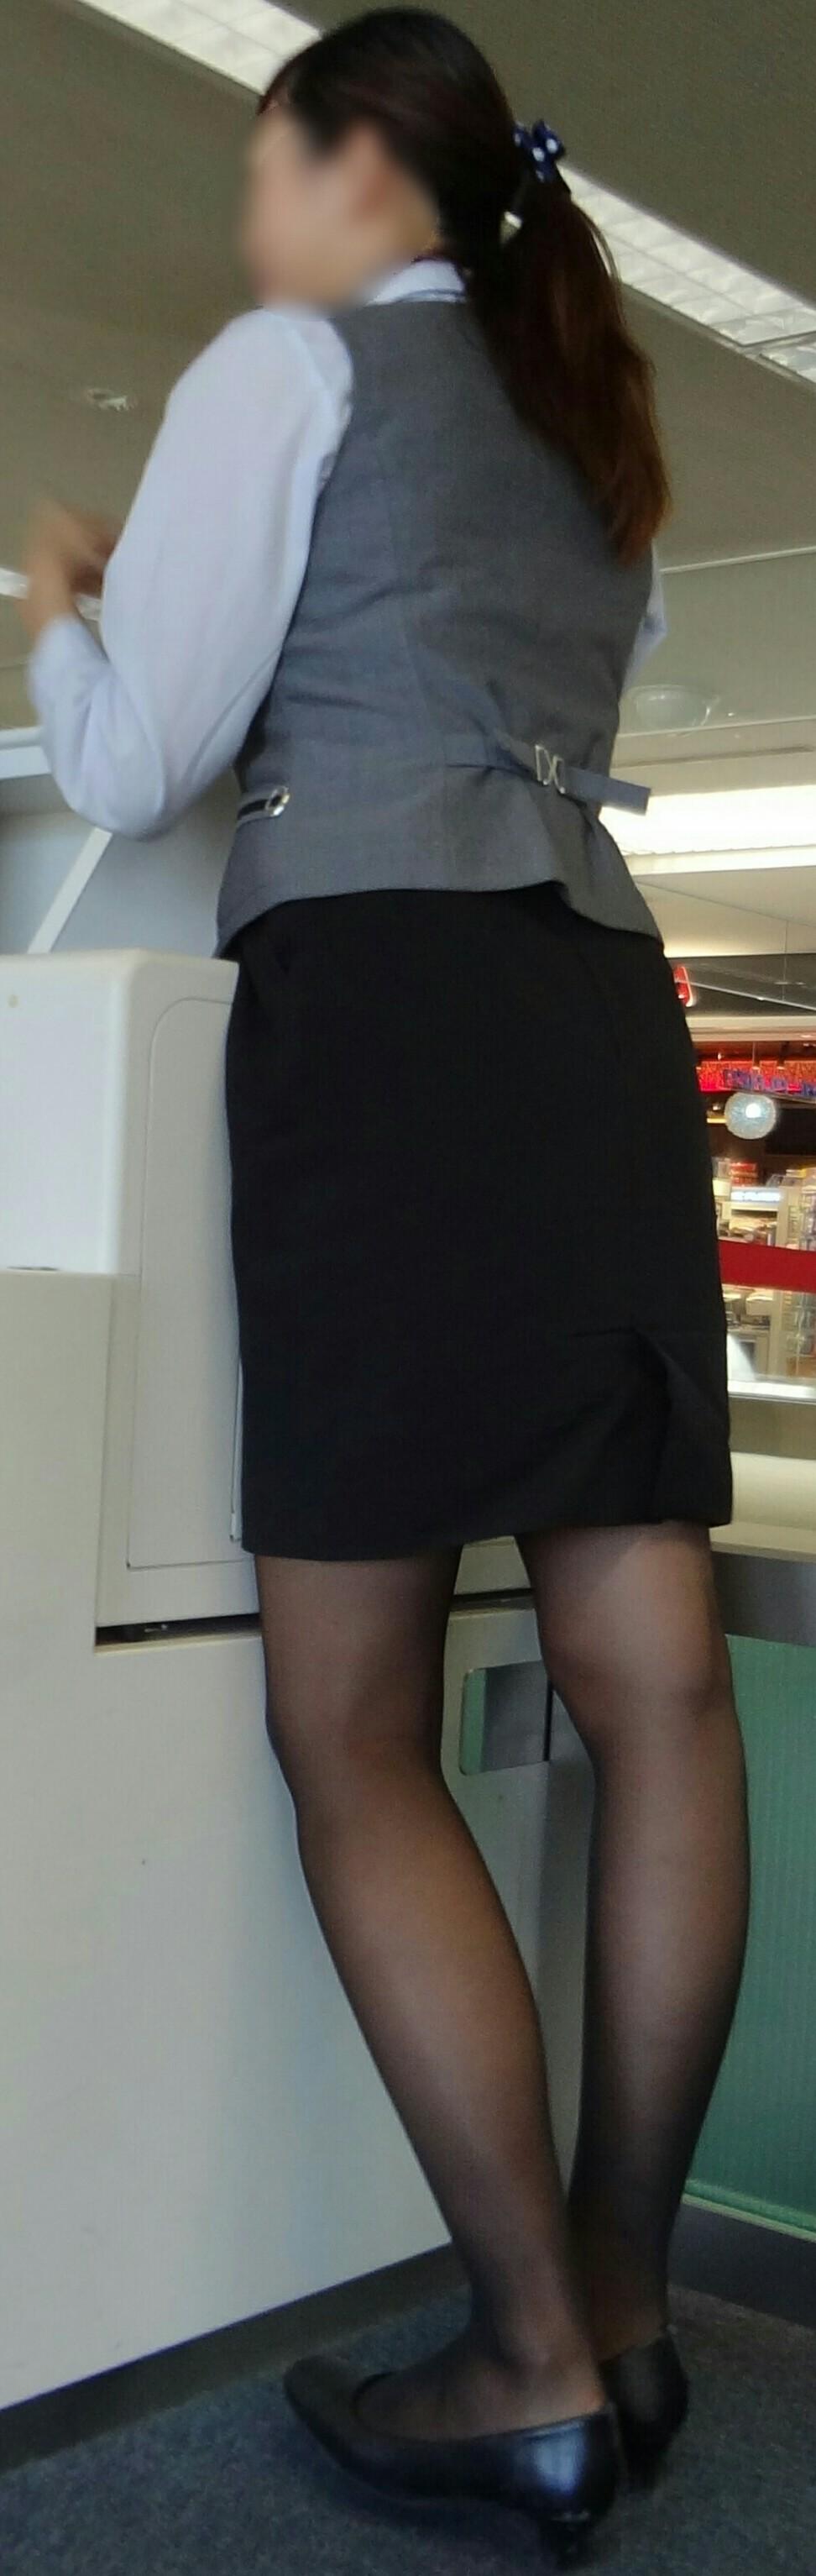 スーツや制服姿の働くお姉さんの素人エロ画像-048